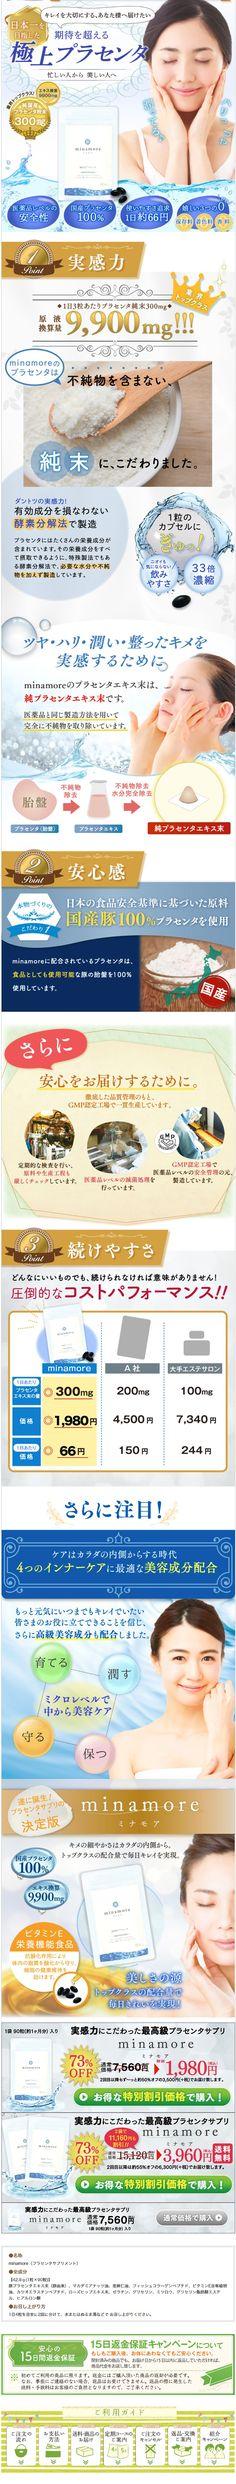 さくらフォレスト株式会社様の「「minamore」プラセンタサプリメント」のランディングページ(LP)健康・癒し系|美容・スキンケア・香水 #LP #ランディングページ #ランペ #「minamore」プラセンタサプリメント App Ui Design, Web Design, Beauty Skin, Beauty Makeup, App Promotion, Makeup Designs, Commercial Design, Skin Care, Japan